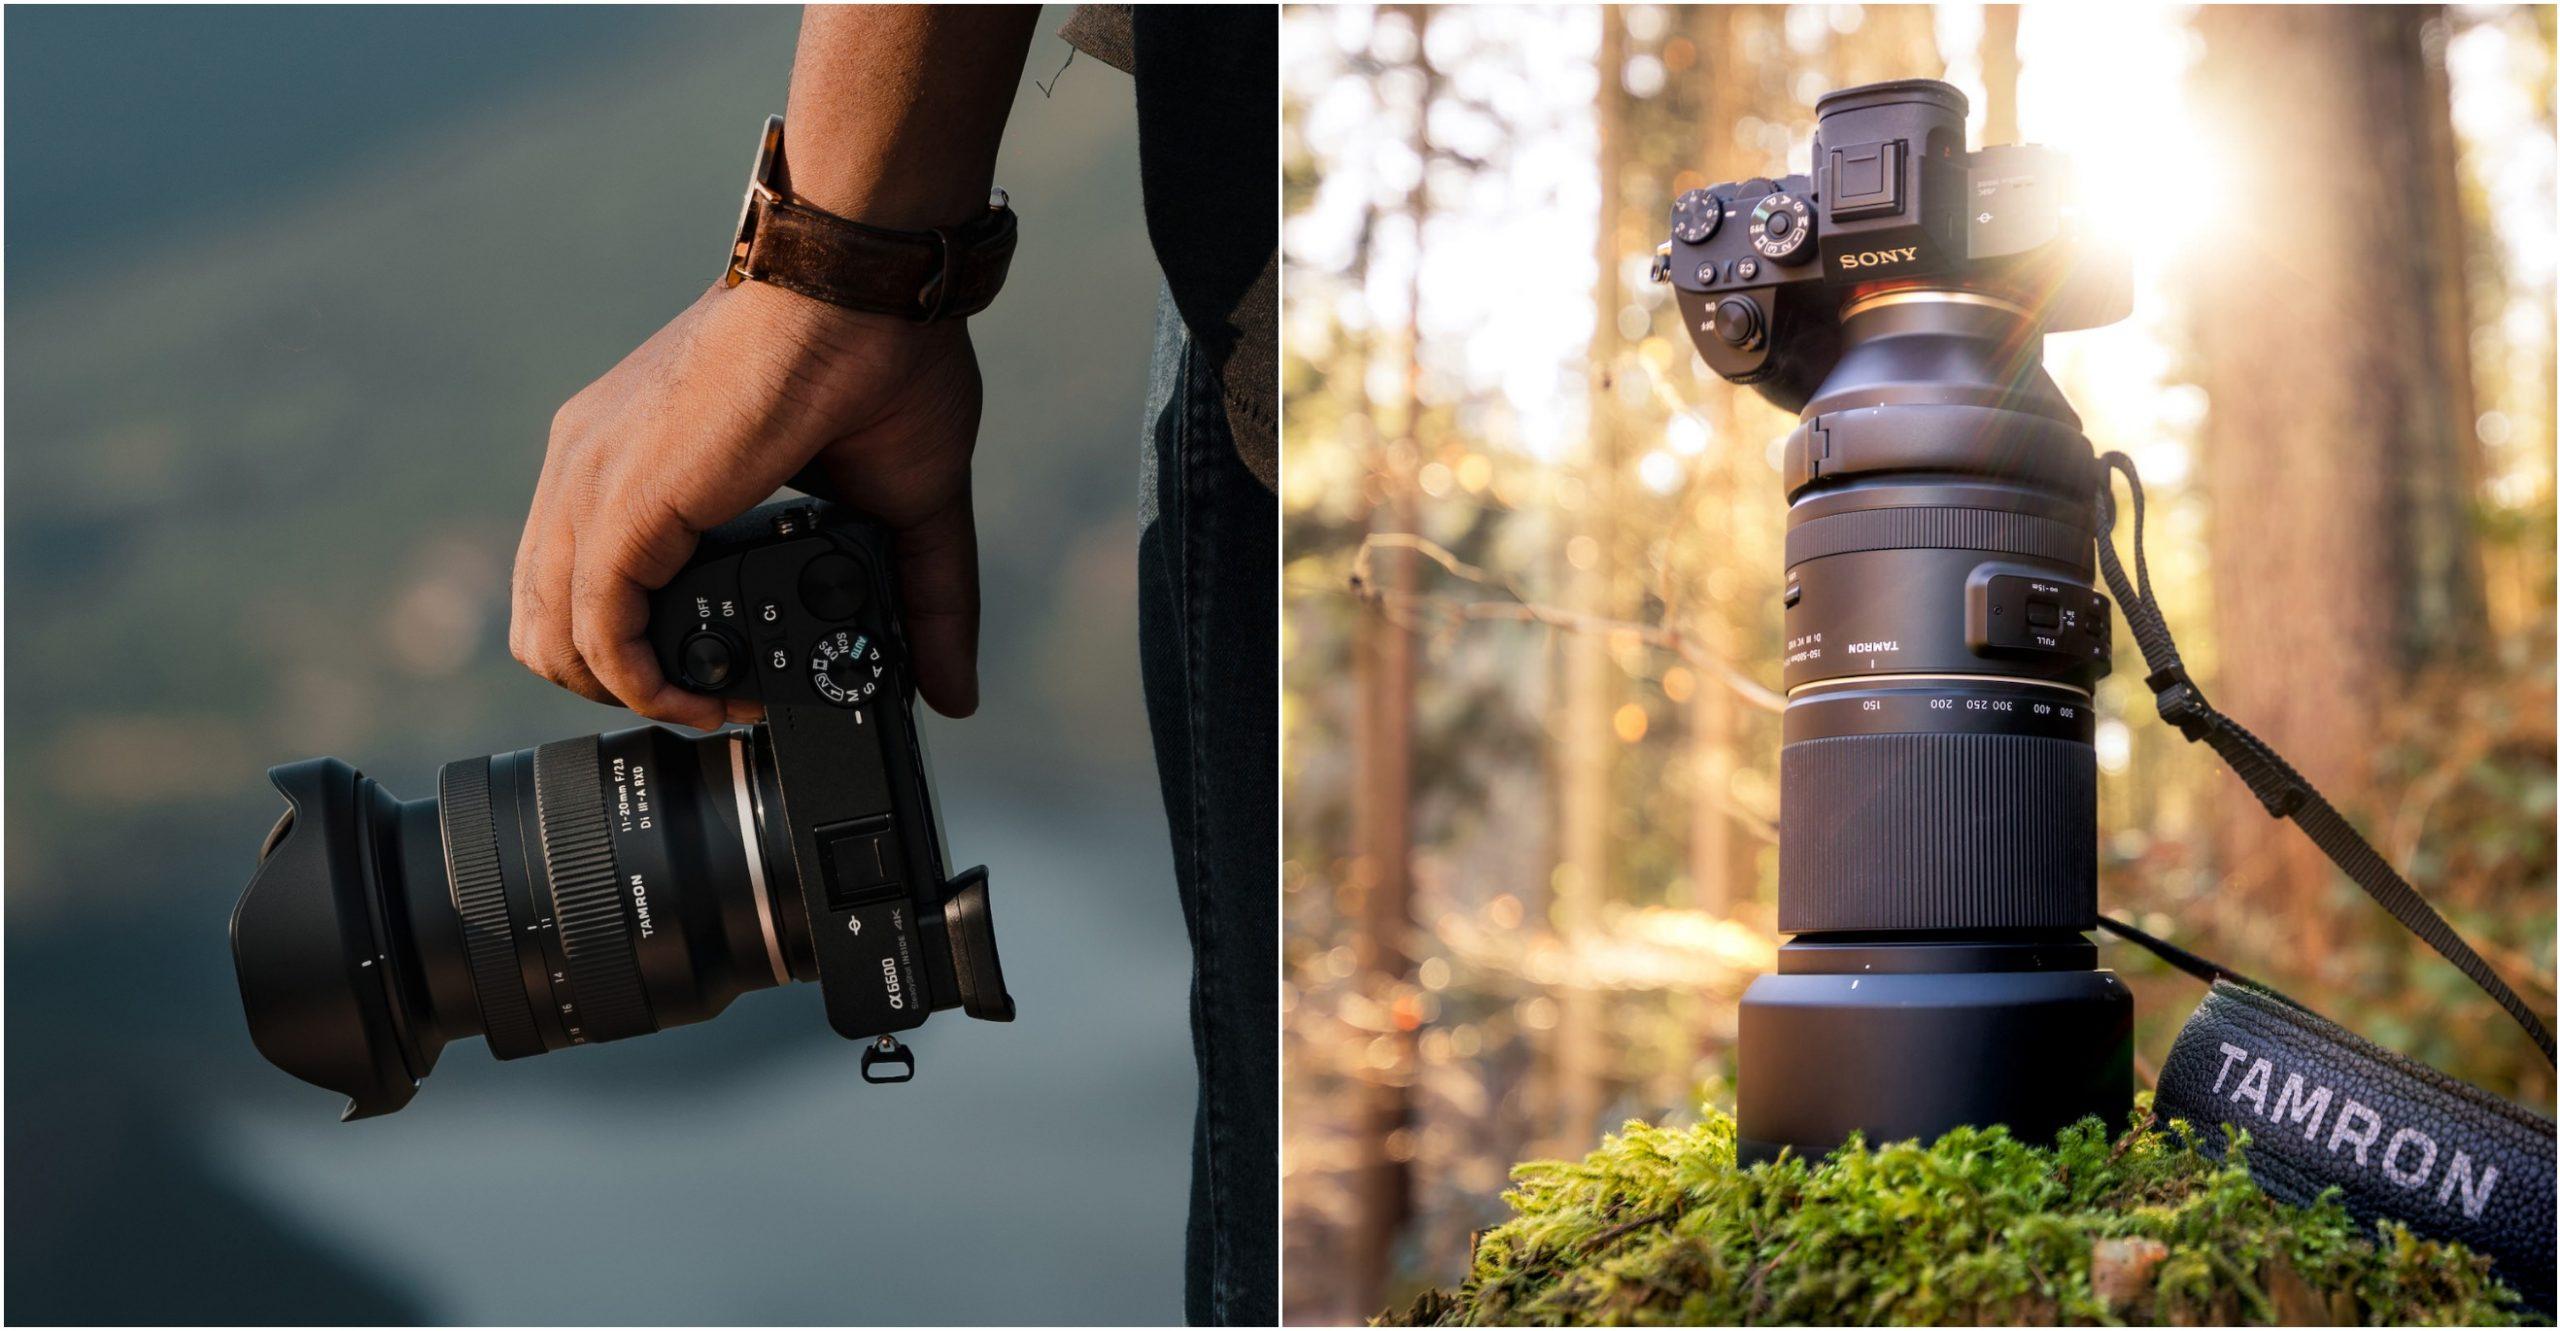 Tamron ra mắt ống kính 11-20mm F2.8 cho APS-C, ống kính 150-500mm F5-6.7 cho full frame